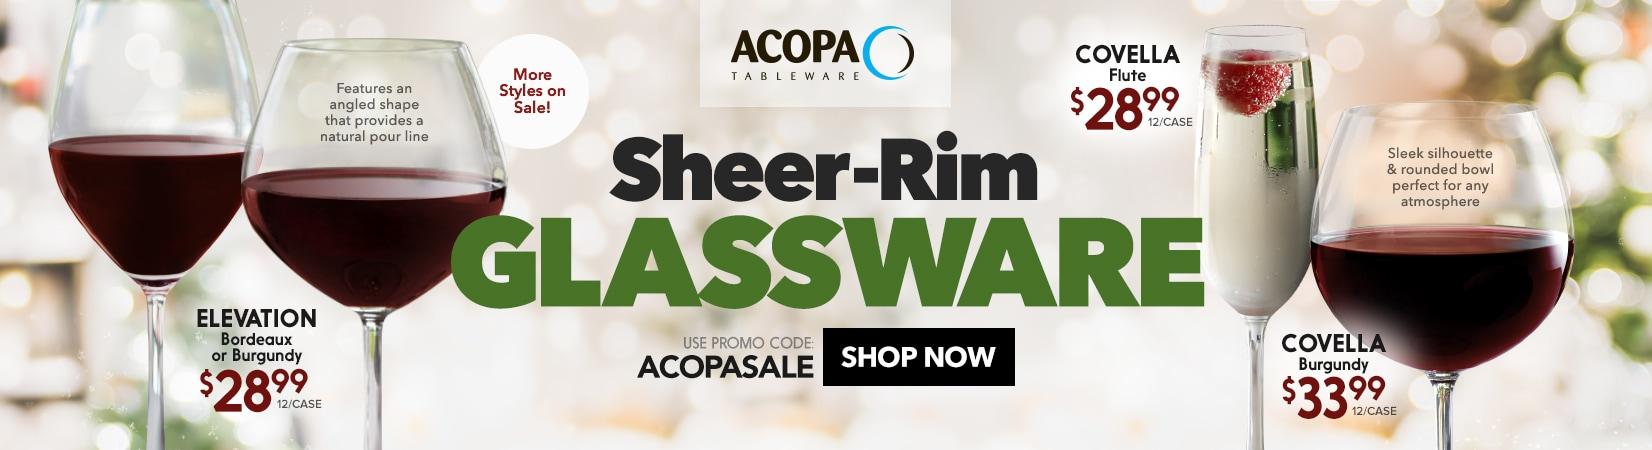 Acopa Sheer-Rim Glassware